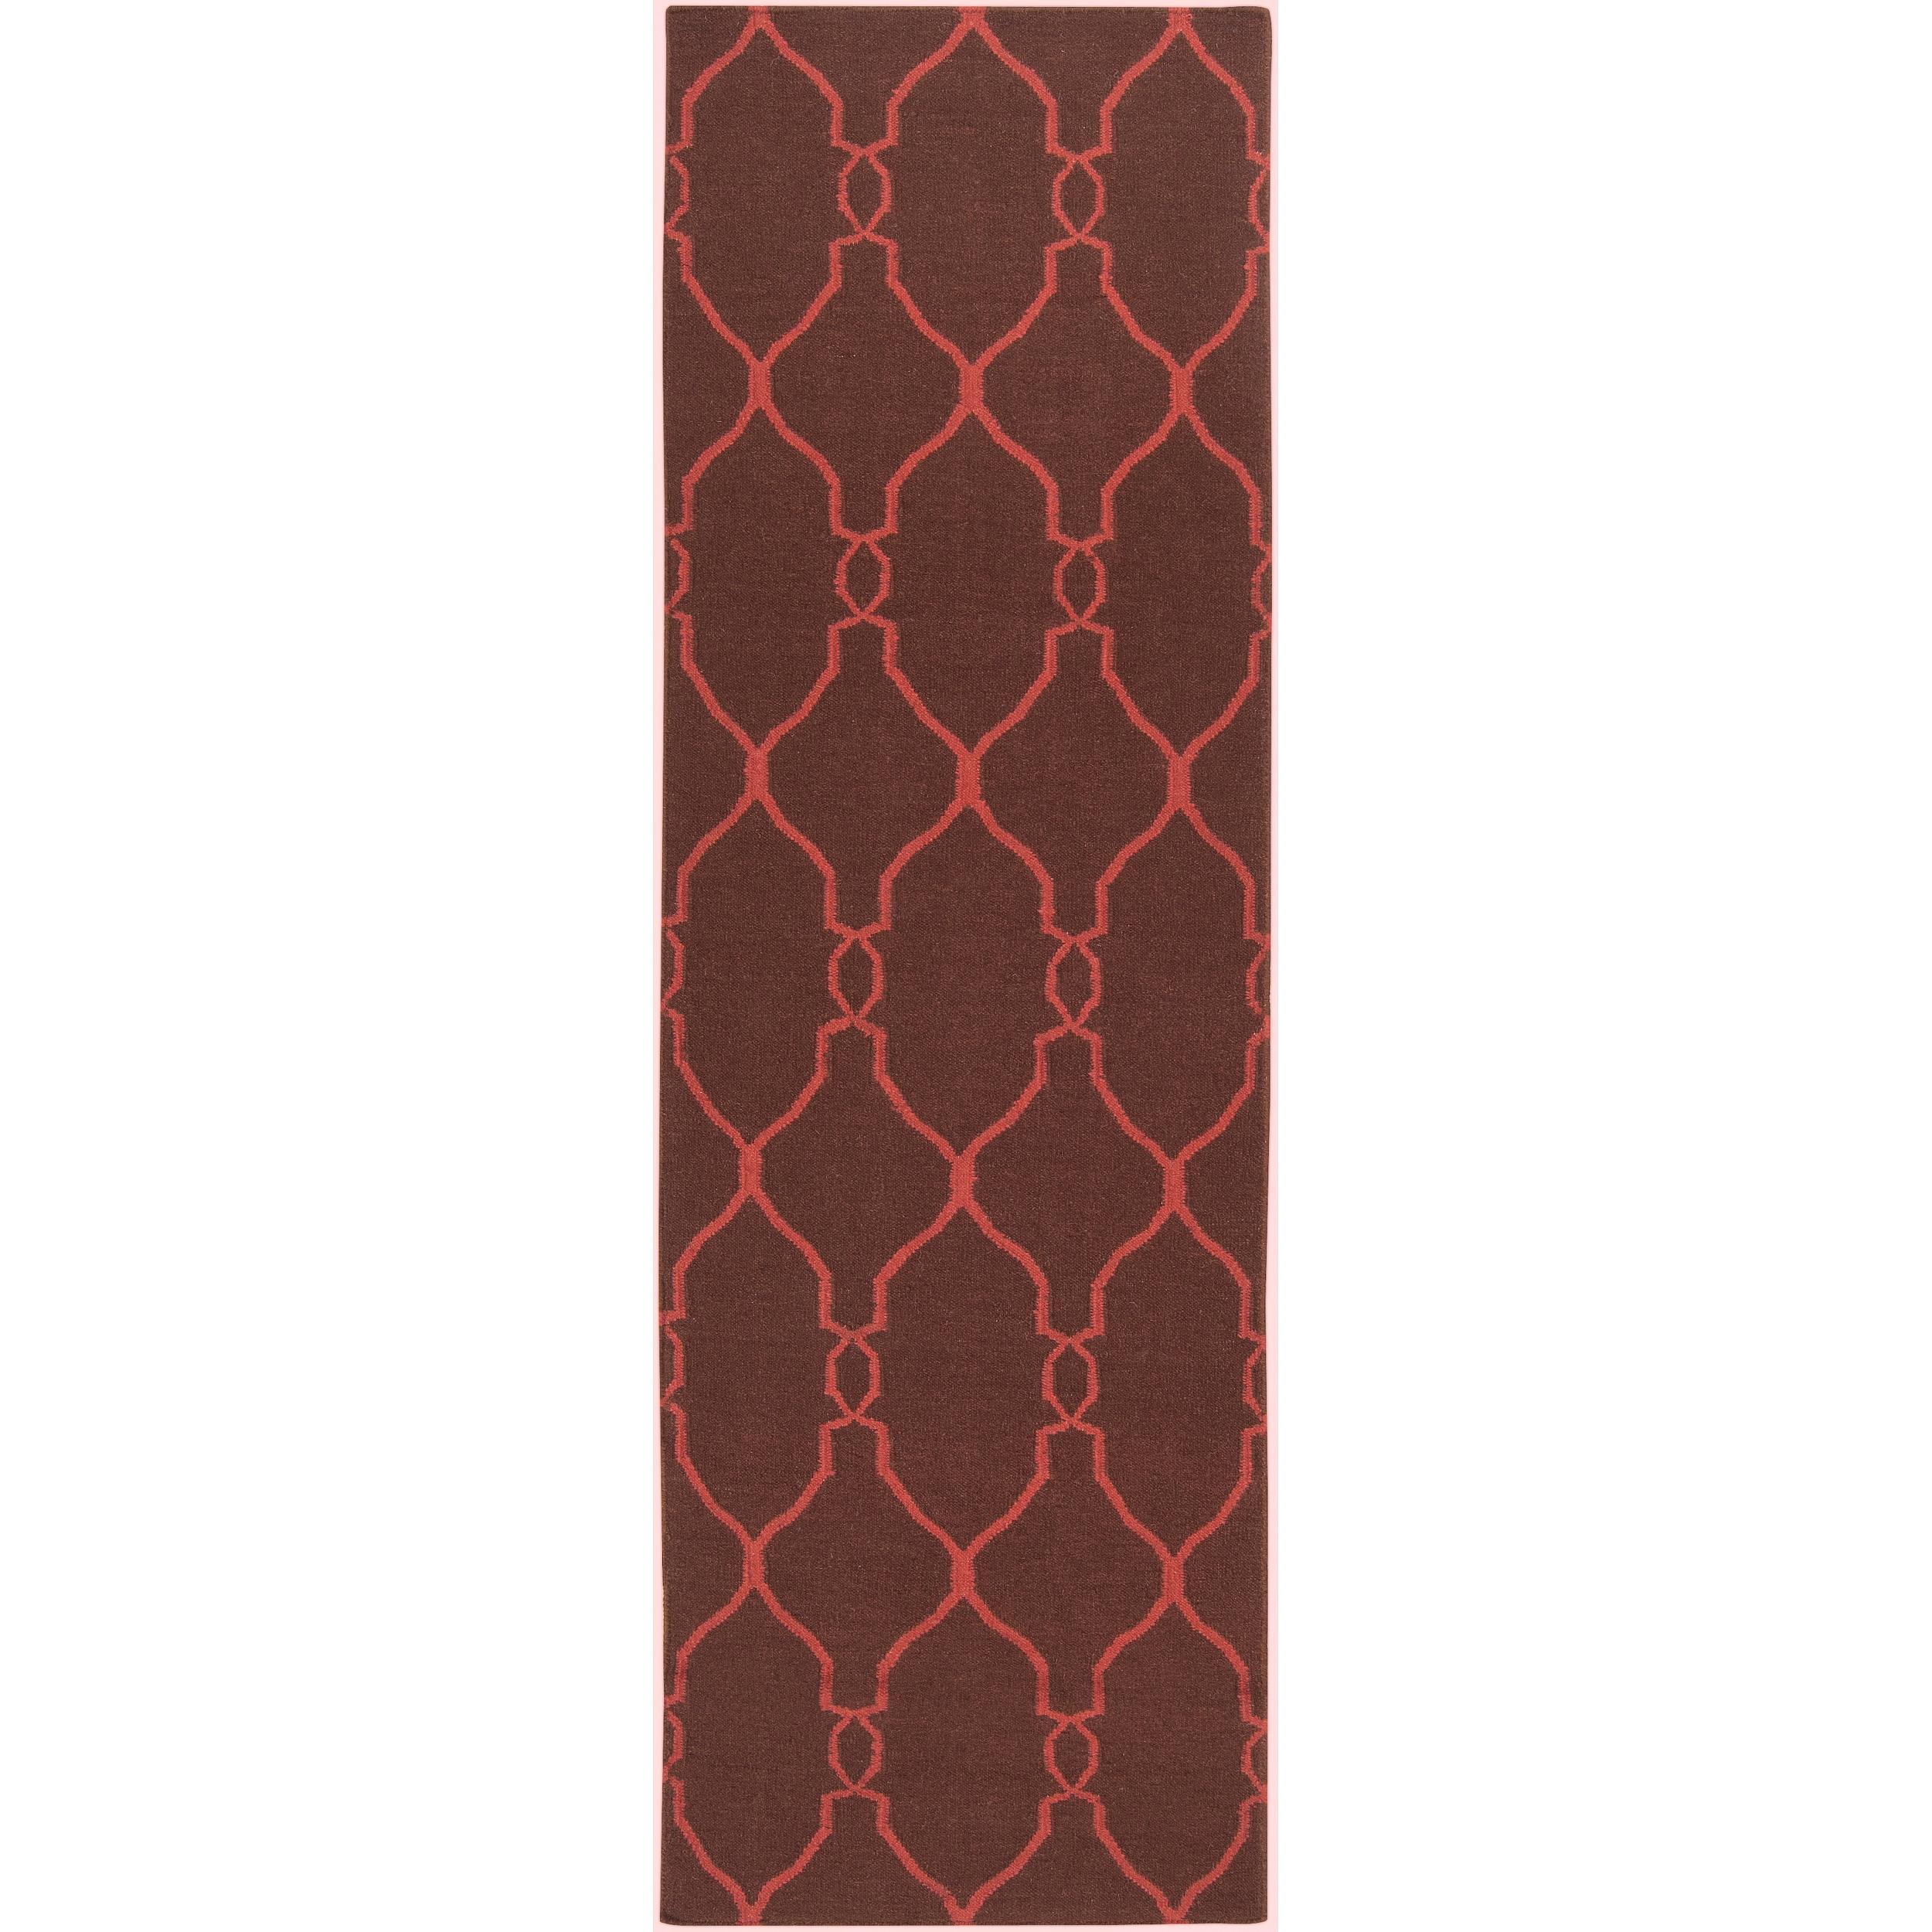 Hand-woven Brown Ishtar Wool Rug (2'6 x 8')